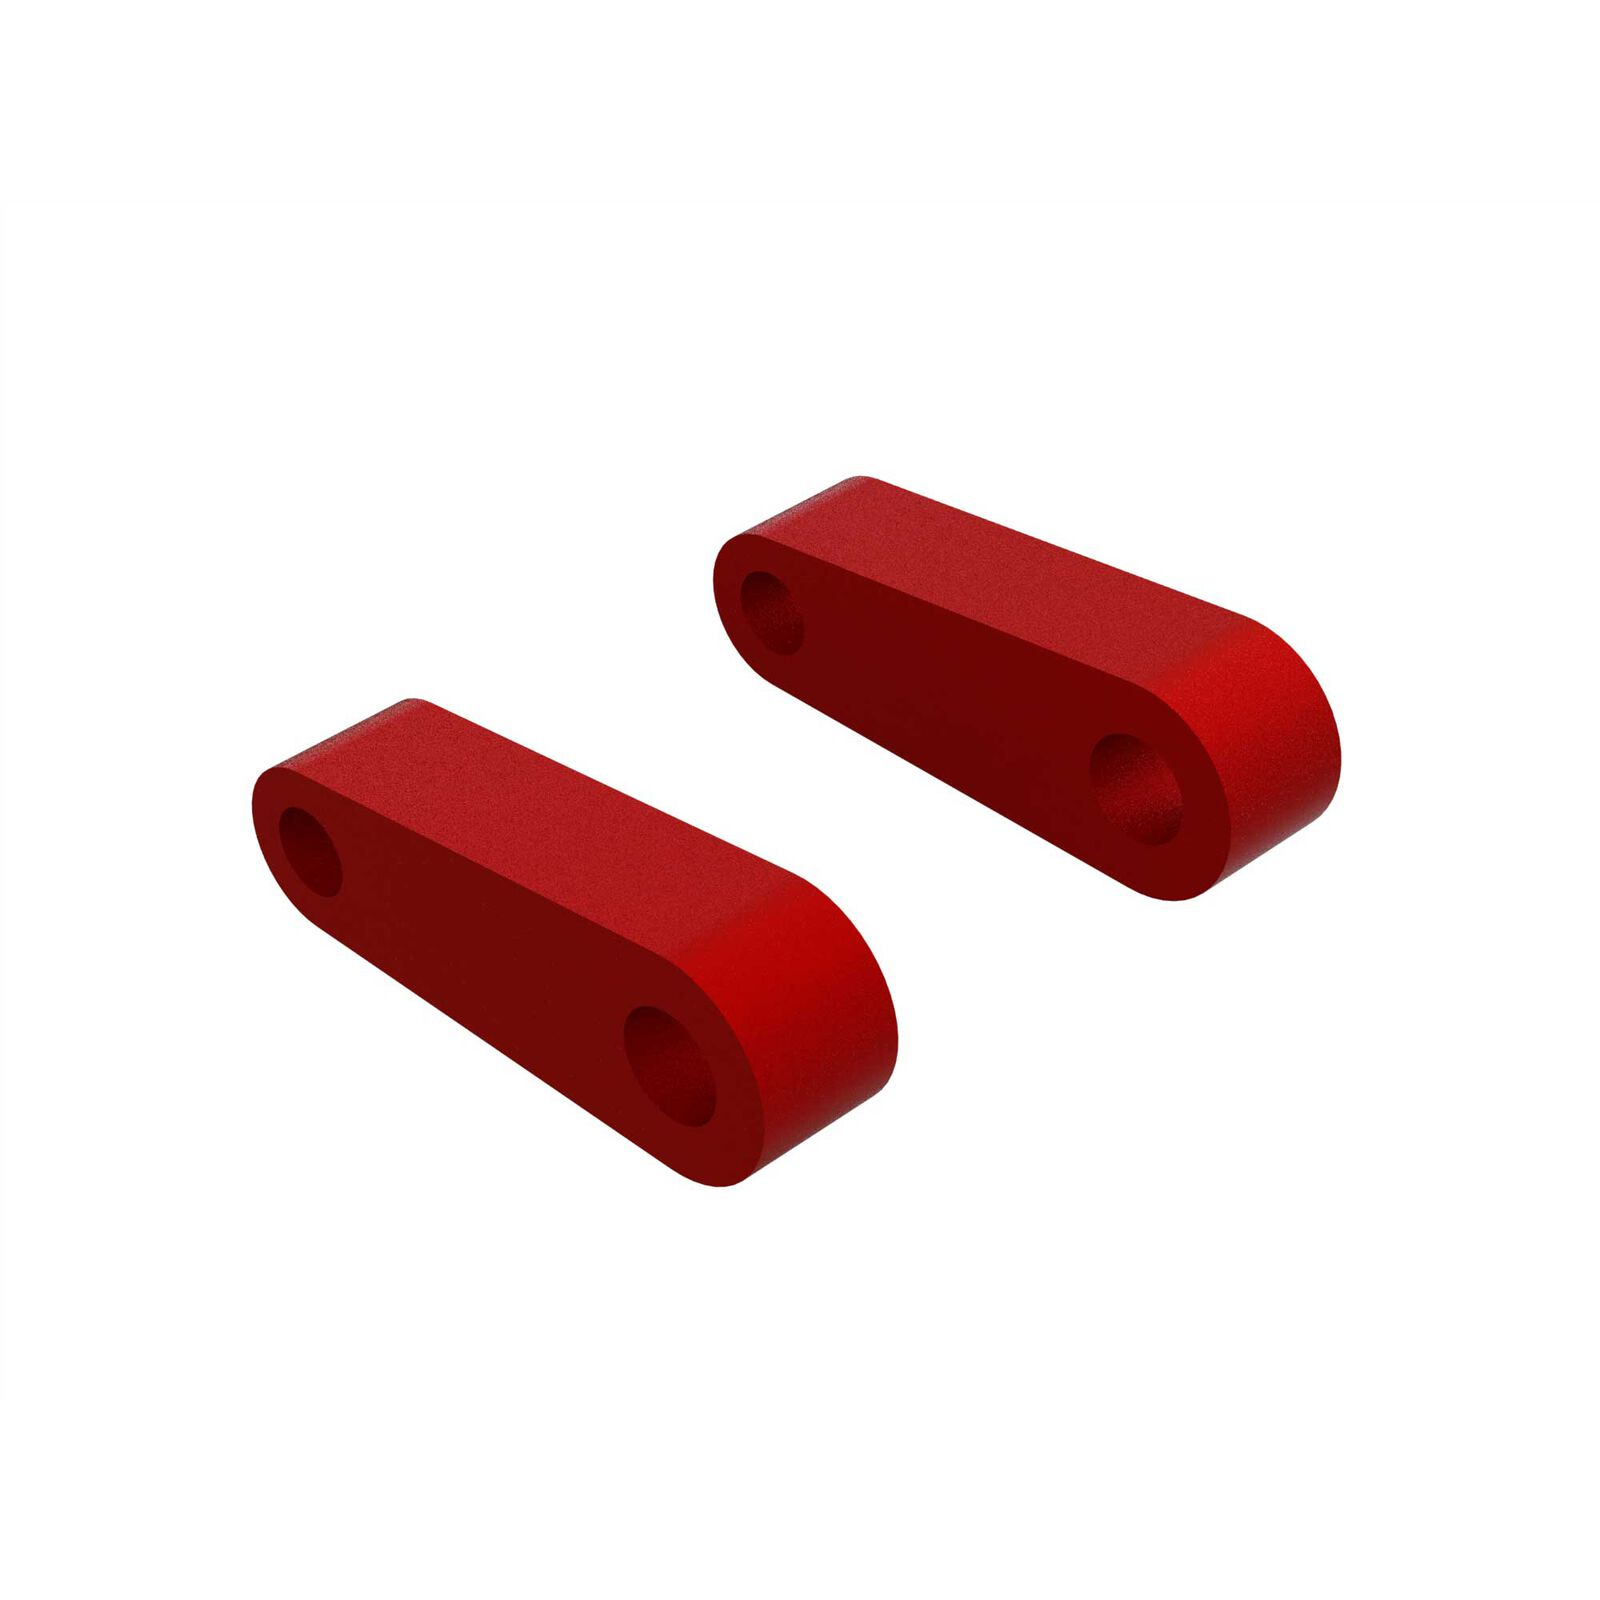 Aluminum Fr Suspension Mounts, Red (2)